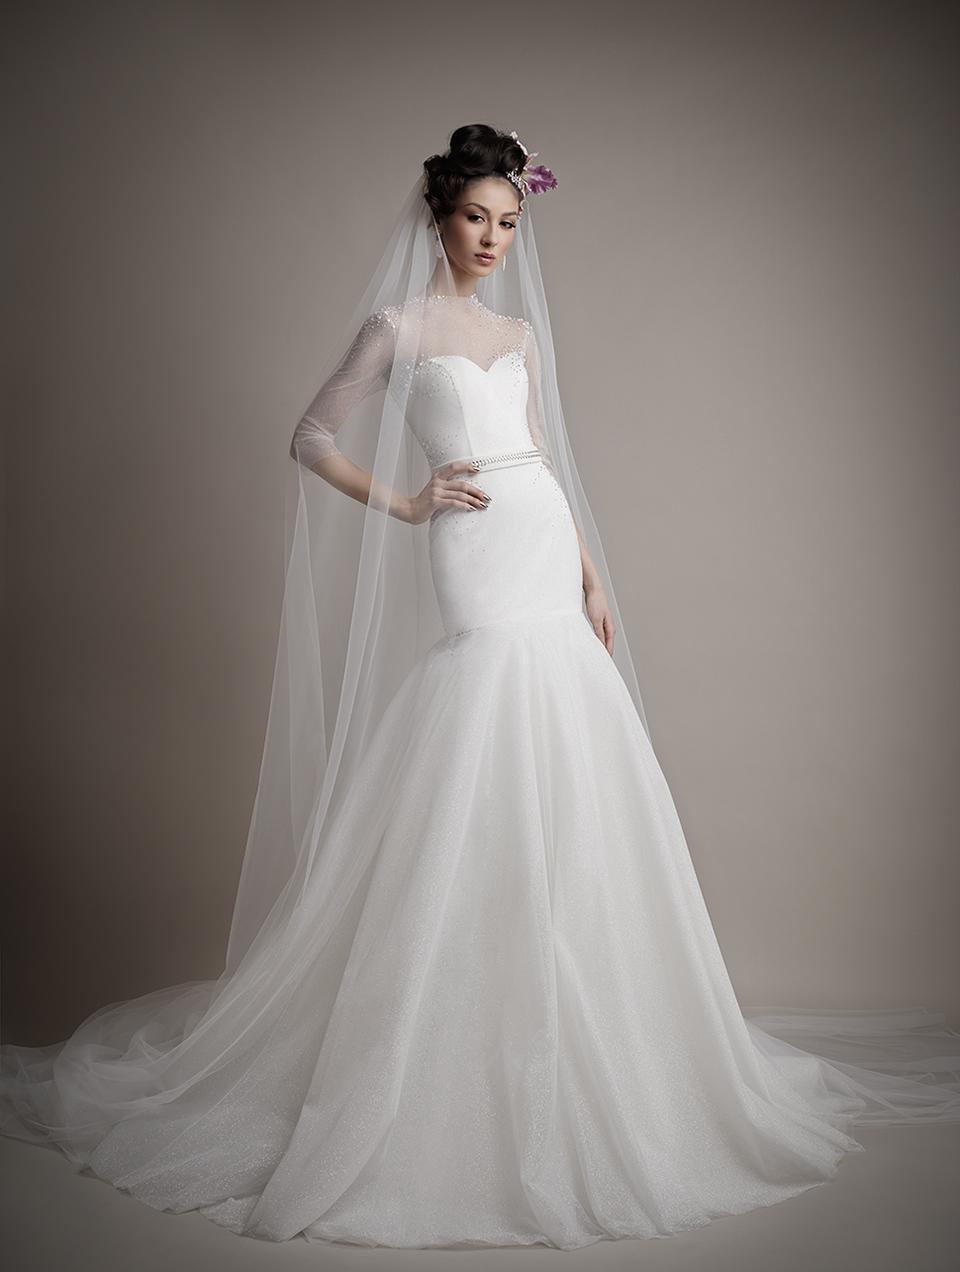 Коллекция свадебных платьев 2015 года от Ersa Atelier7